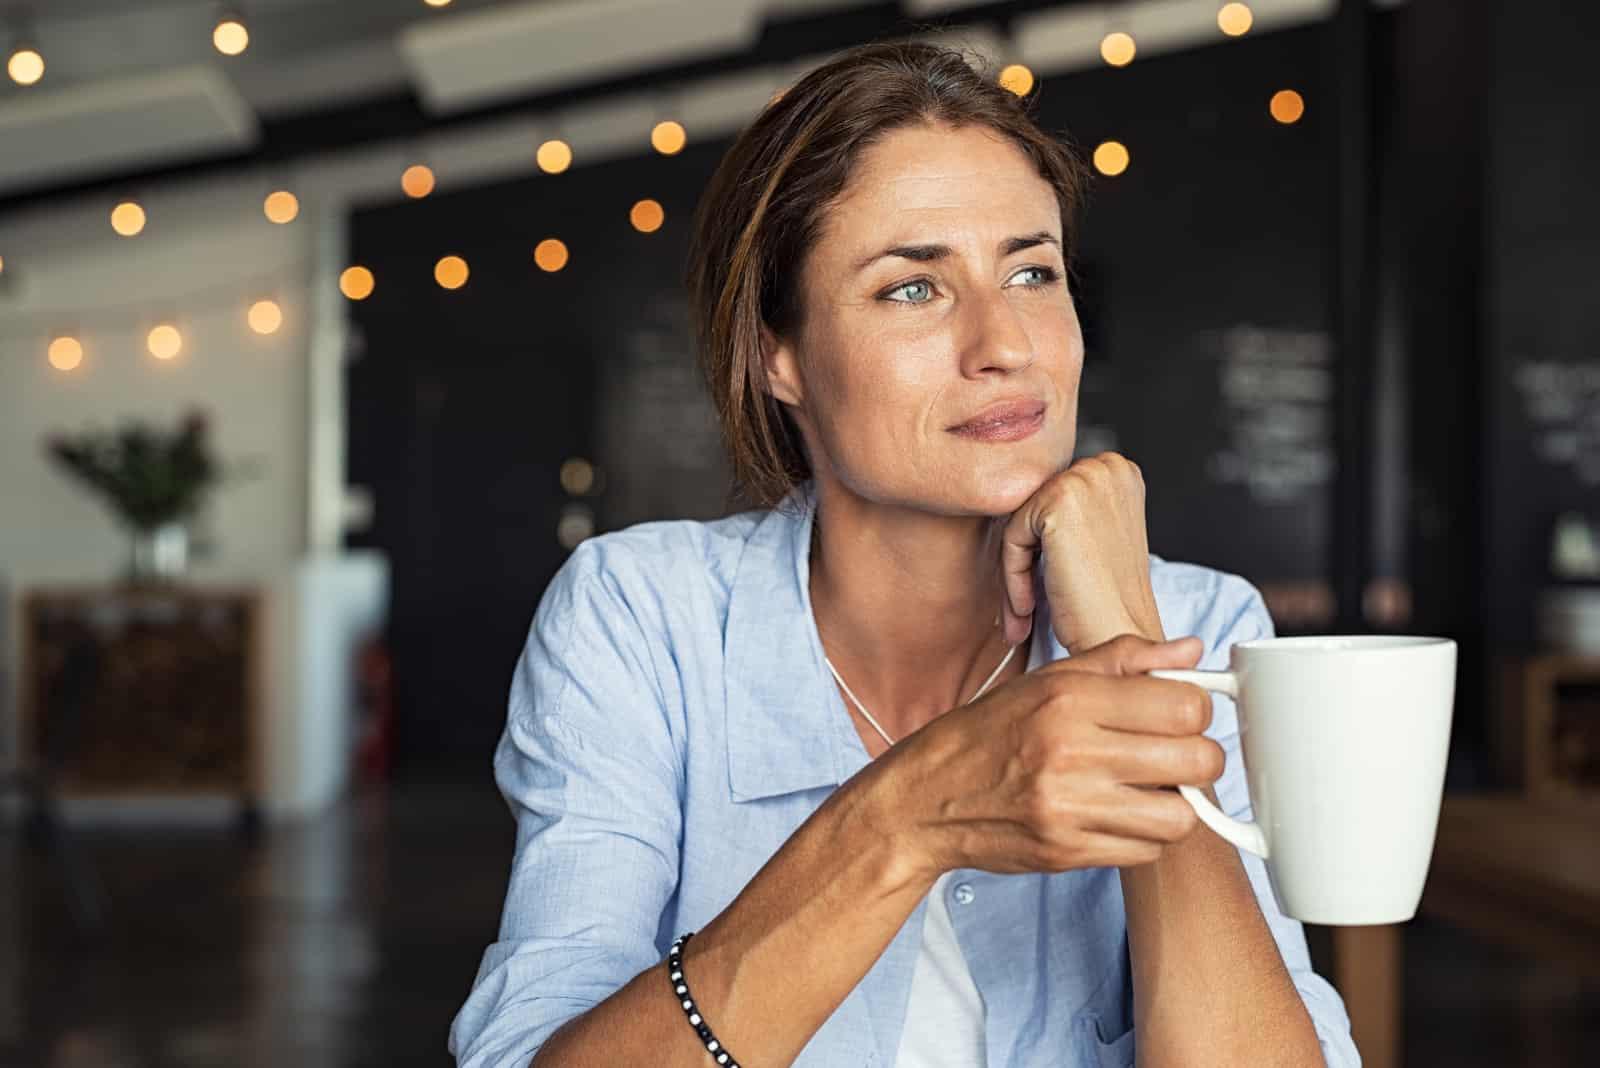 eine schöne Frau sitzt und hält Salz in der Hand